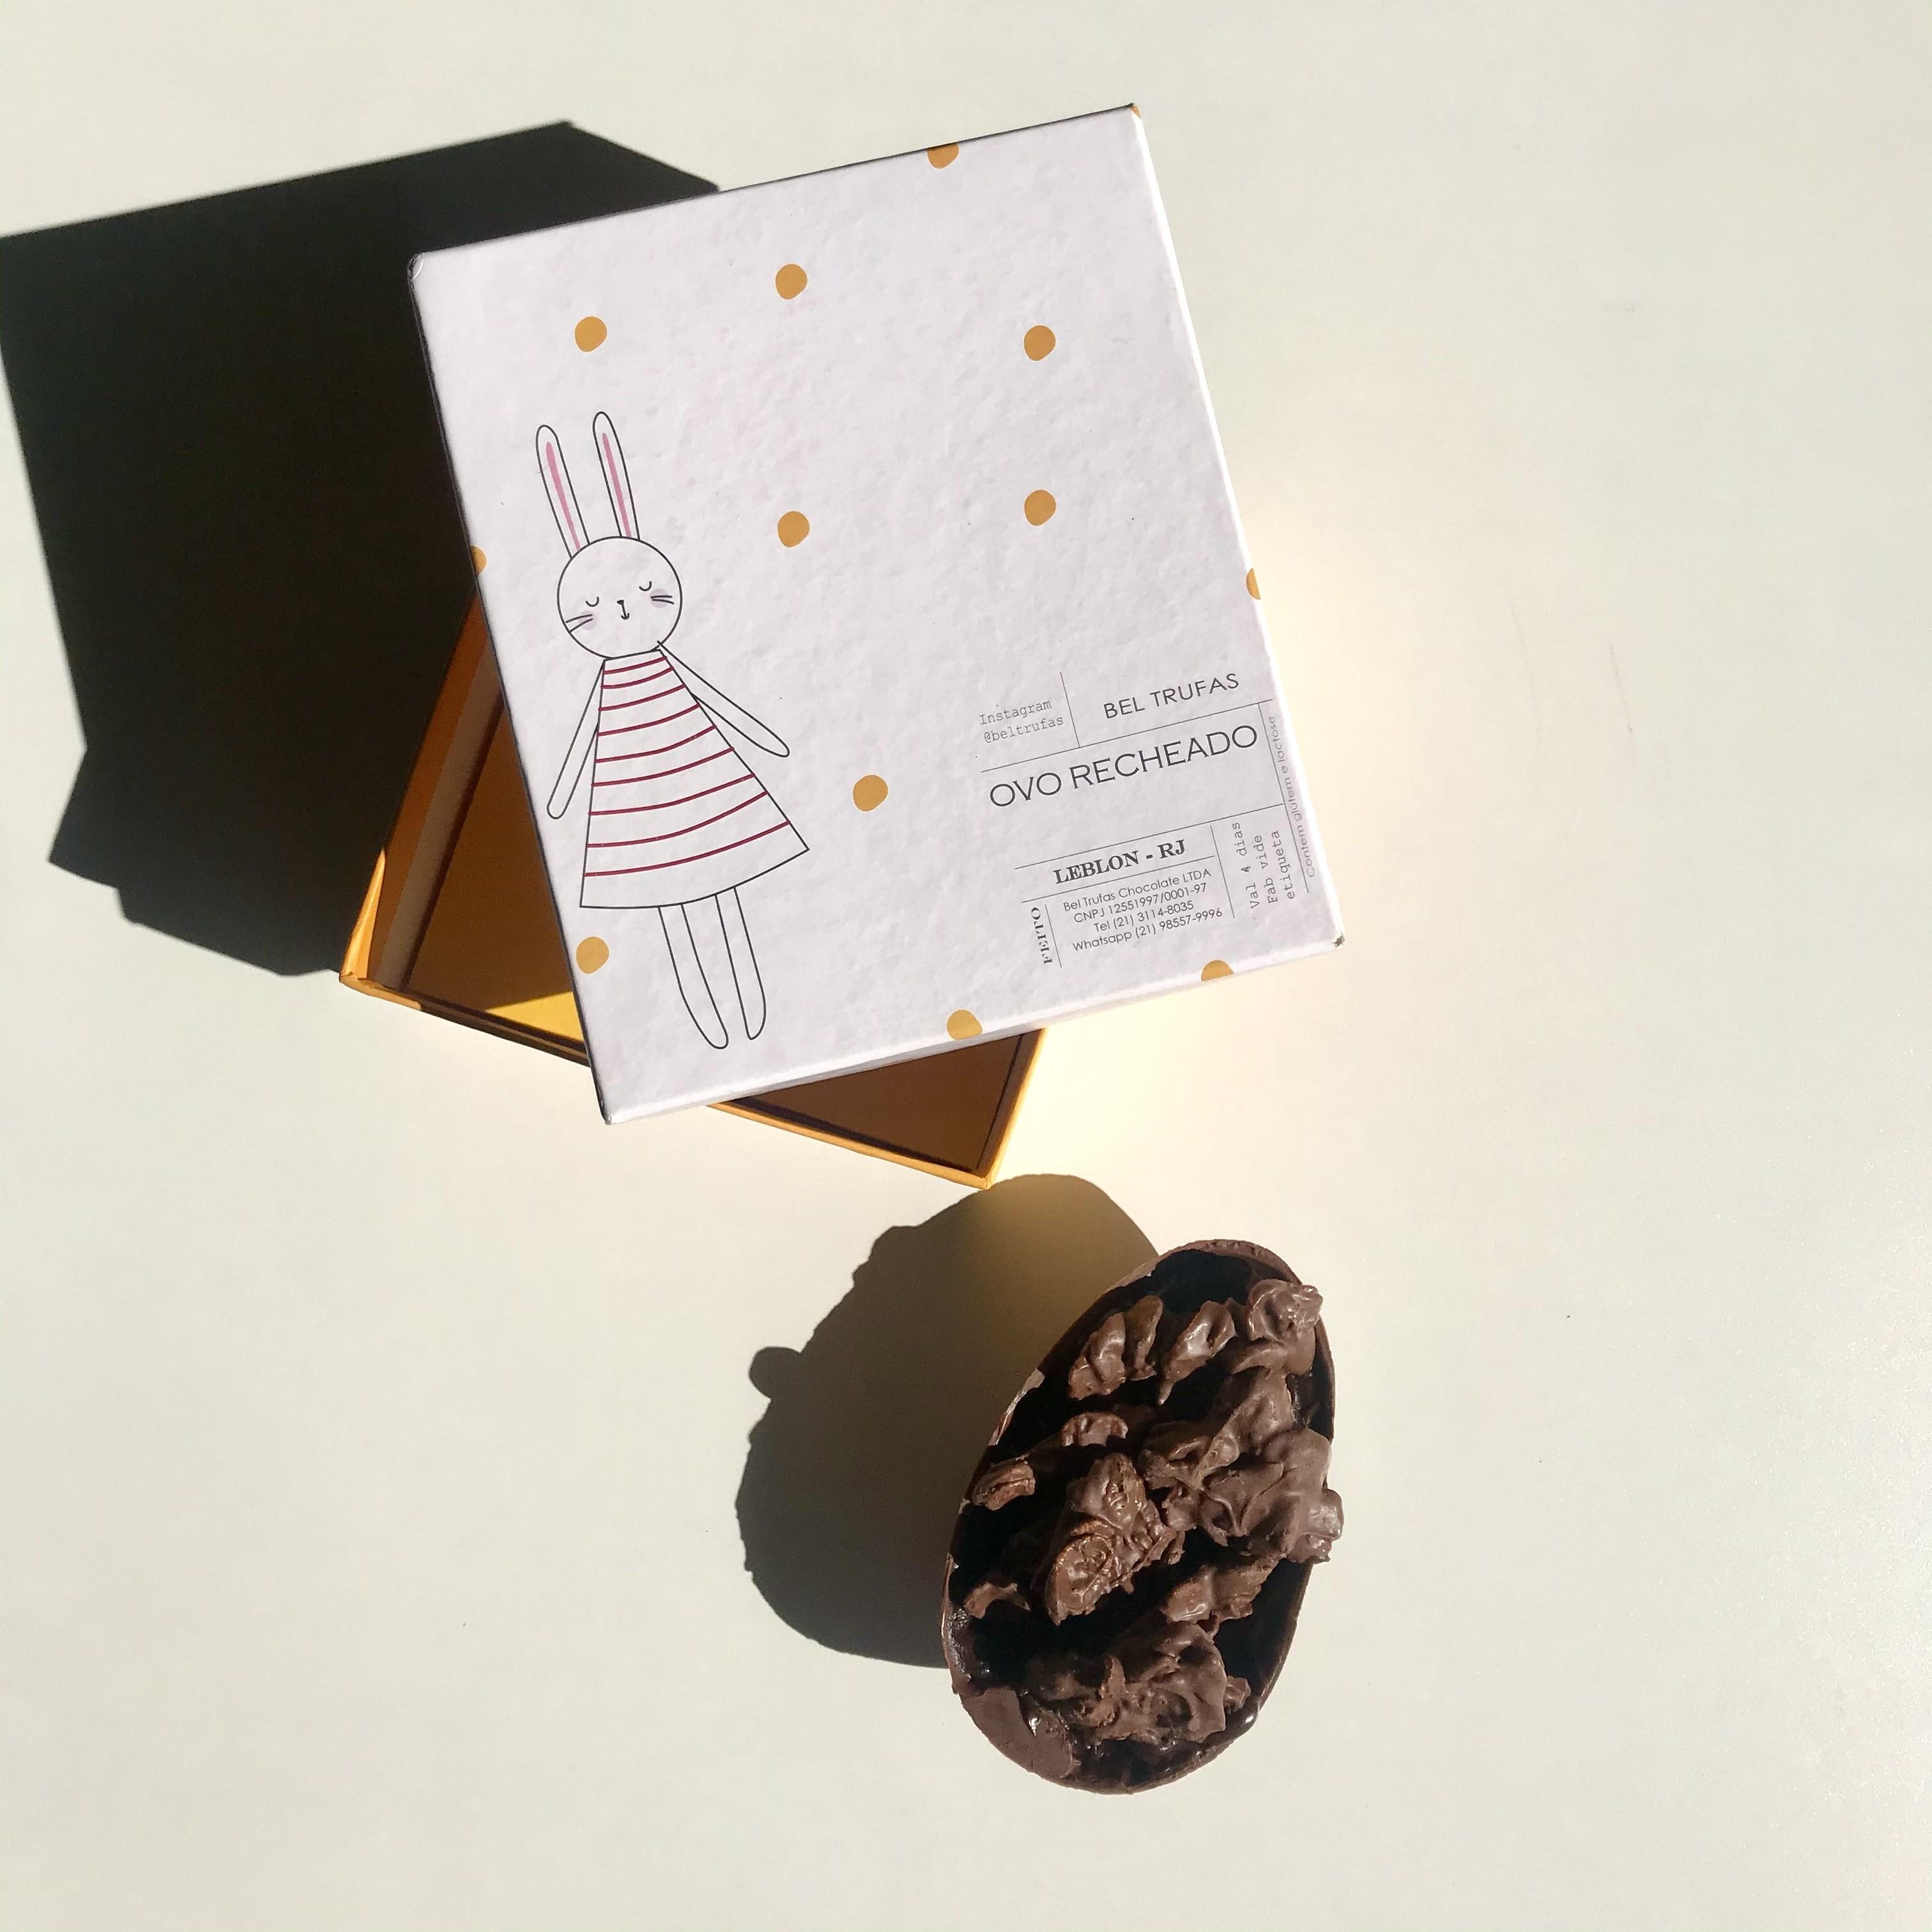 Bel Trufas: ovo recheado com montes (crocantes cereais envoltos em chocolate)